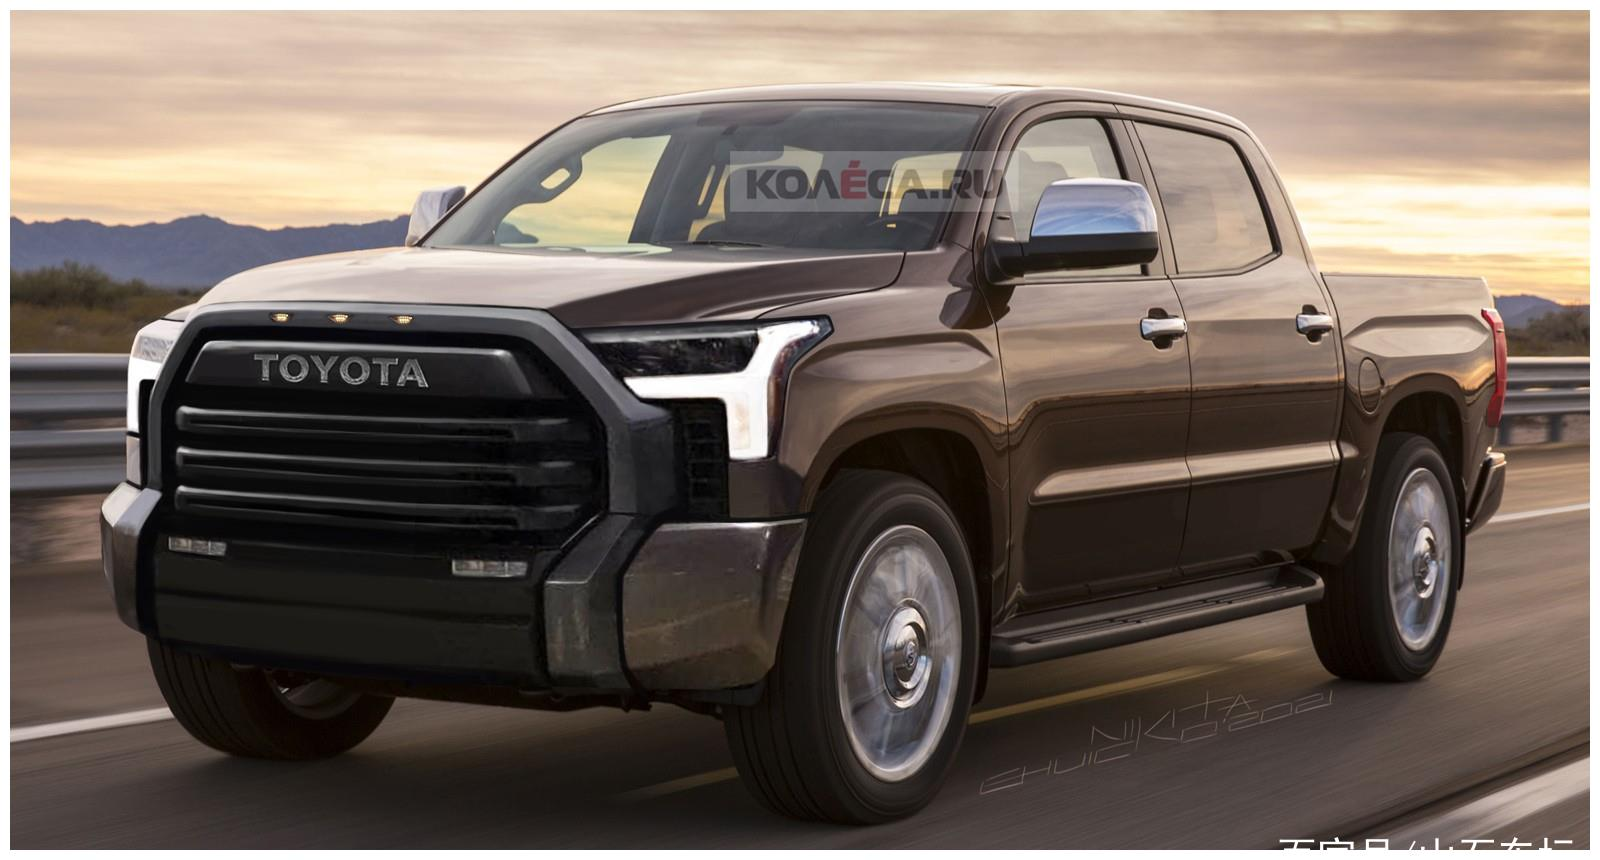 全新一代丰田坦途外观图曝光,外观变化明显,或将搭载3.5TT动力